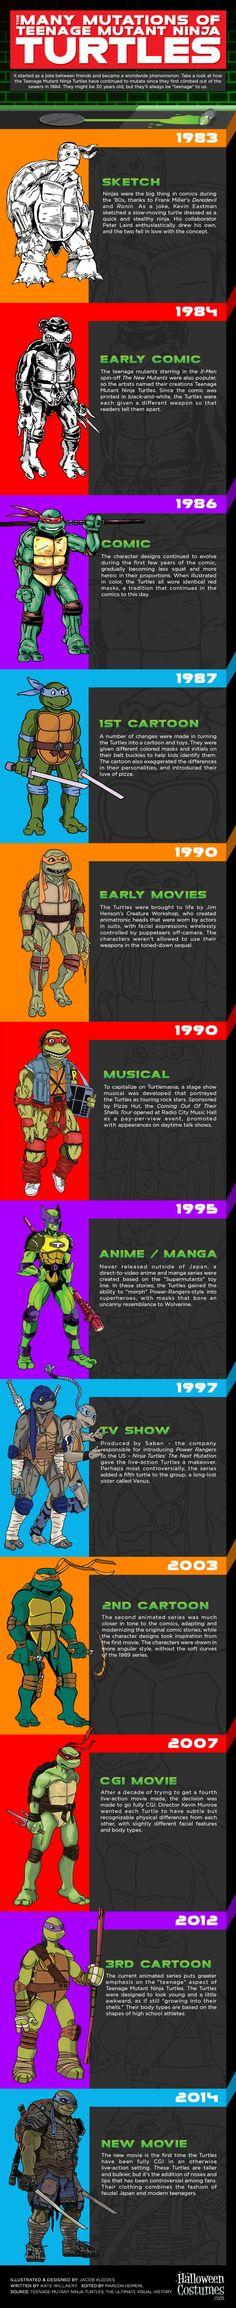 The different variations of Teenage Mutant Ninja Turtles